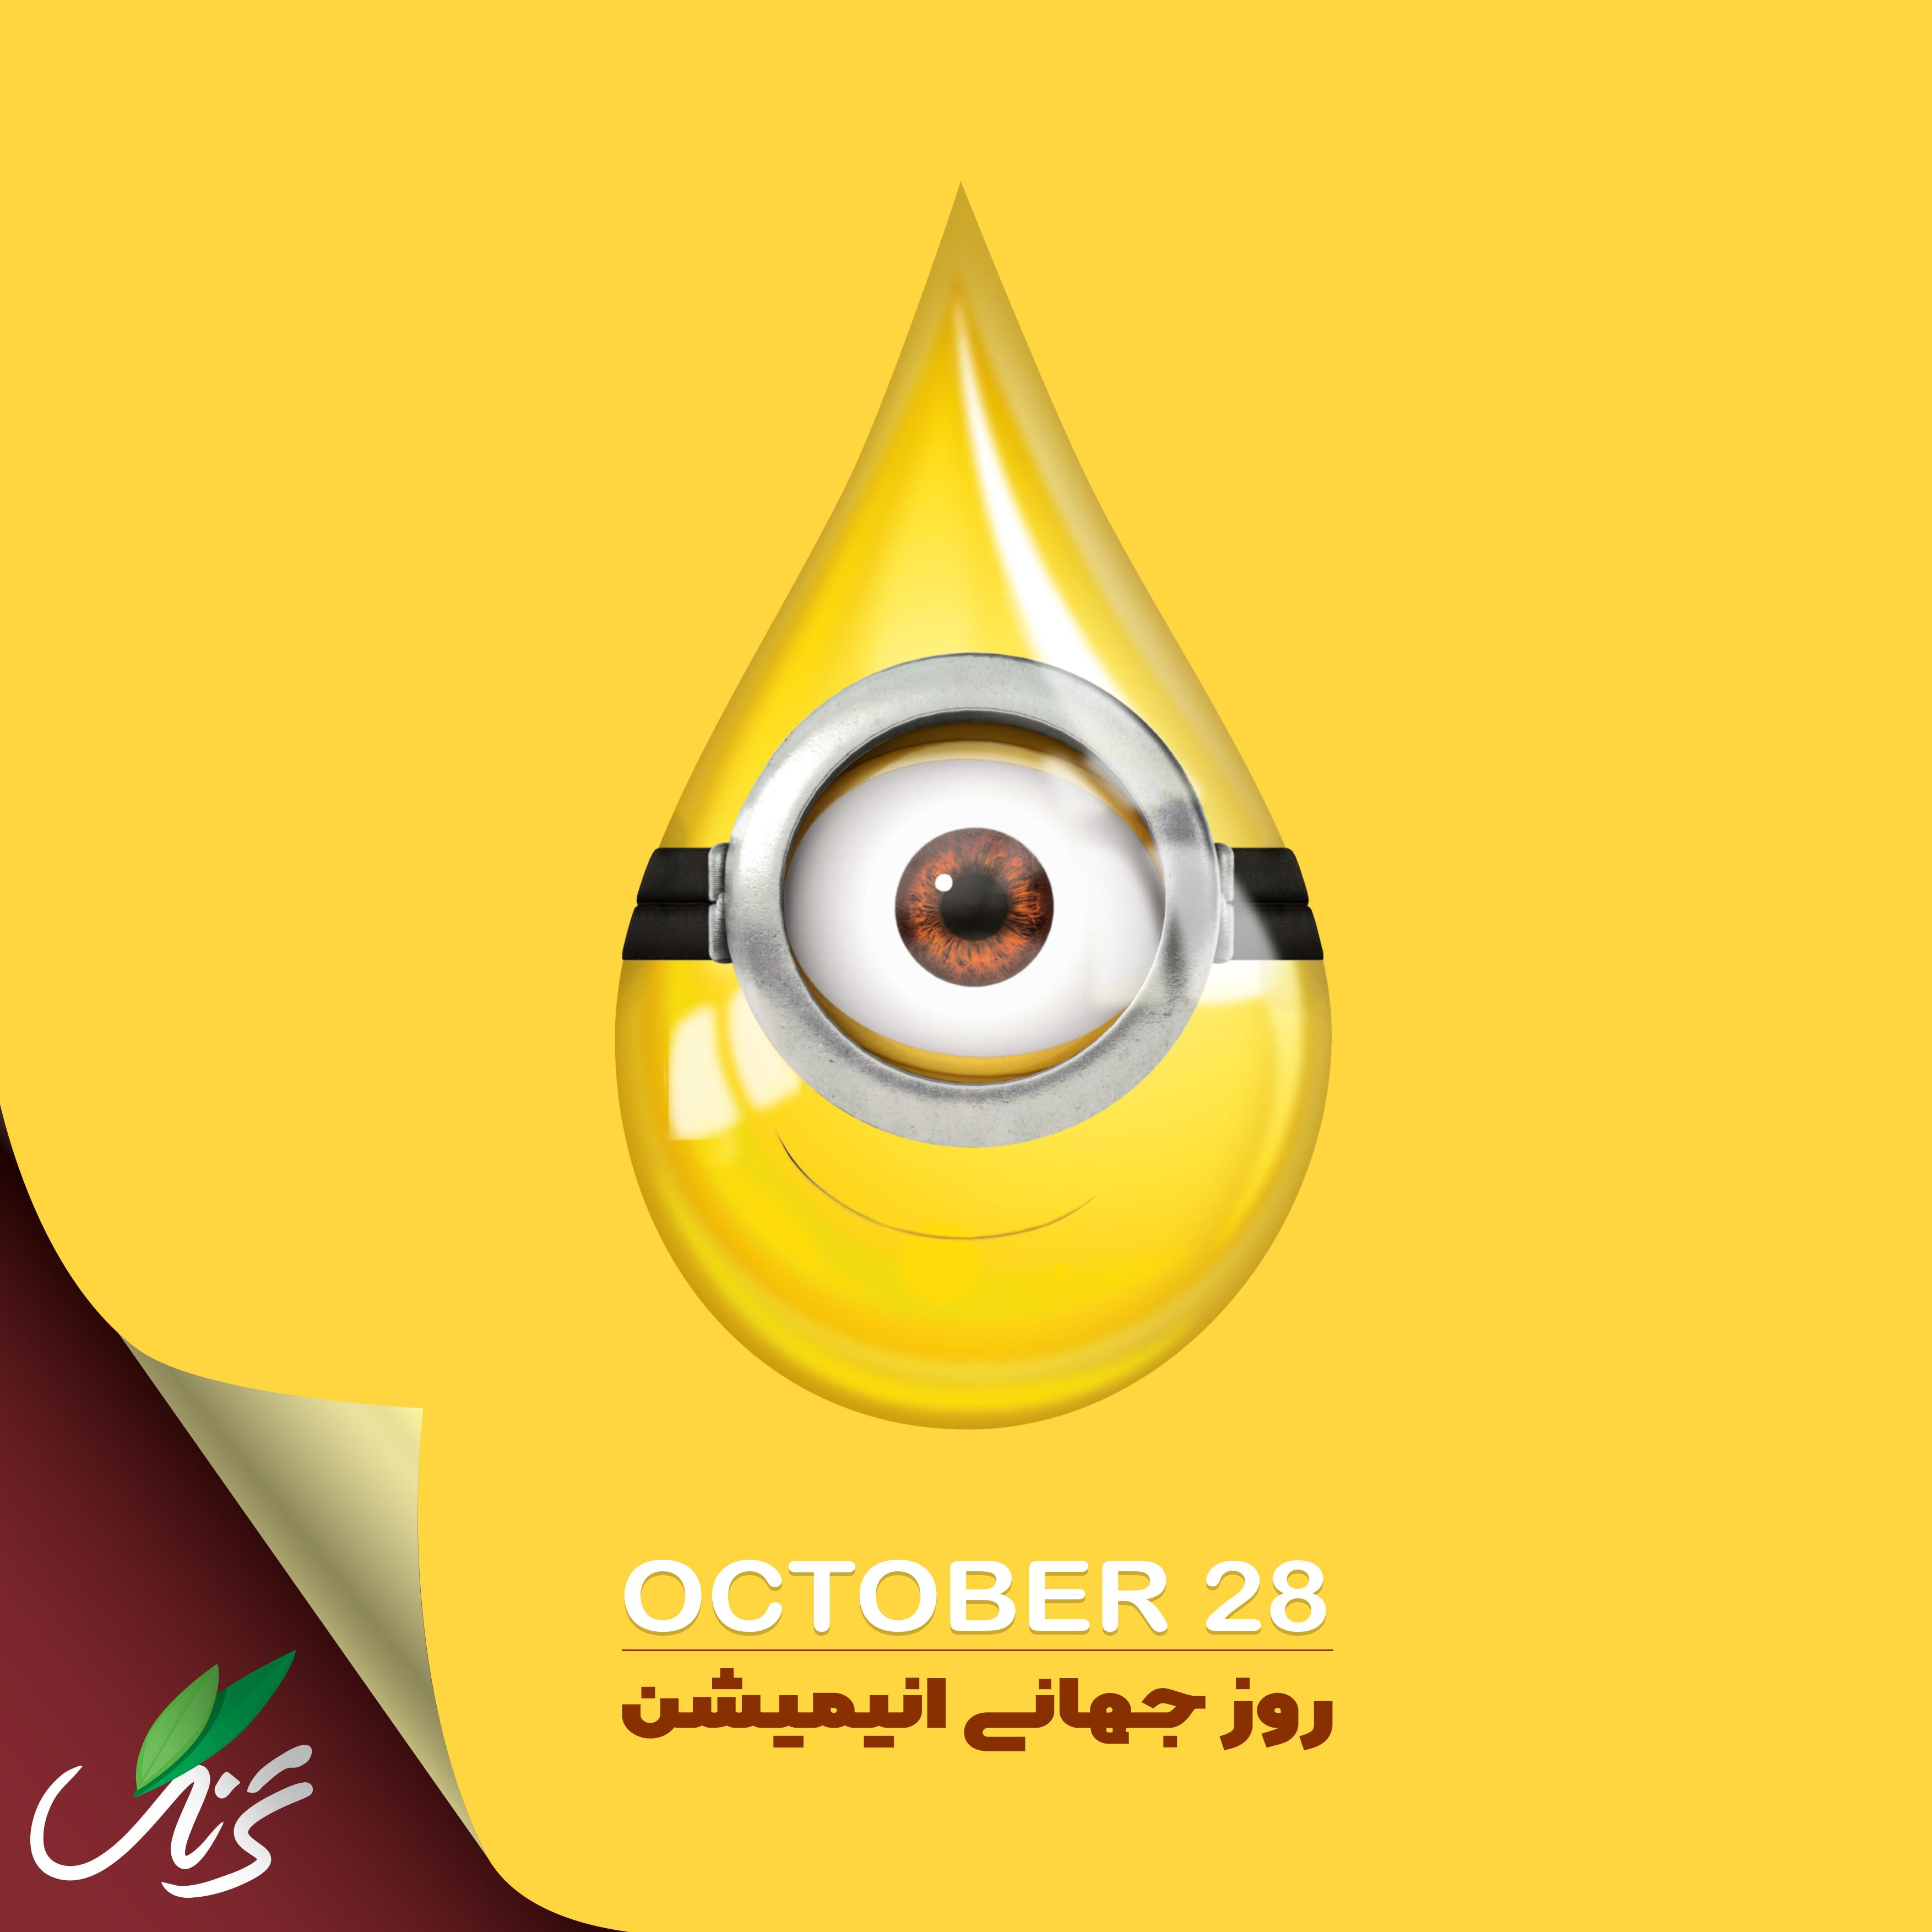 28 اکتبر روز جهانی انیمیشن